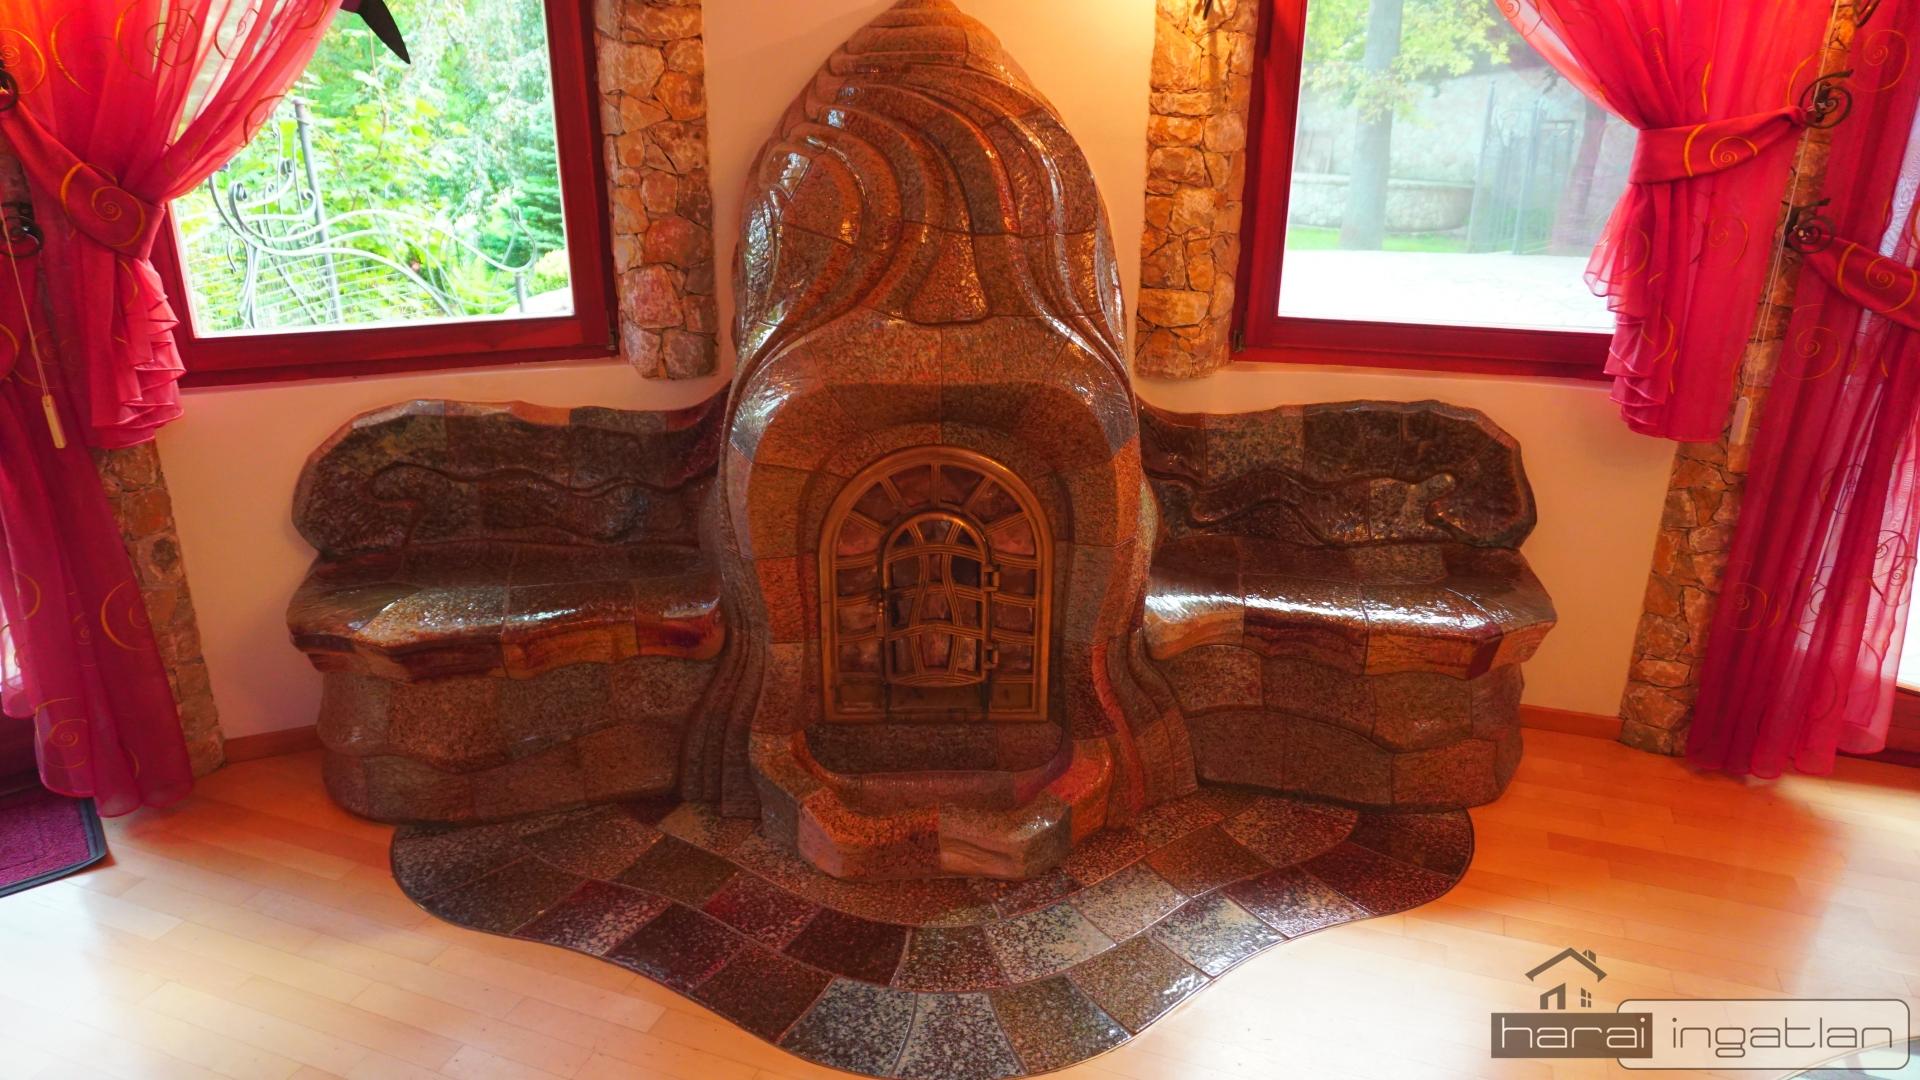 1029 Budapest II. Kerület Máriaremete 2 Eladó Ház (#0304201951)